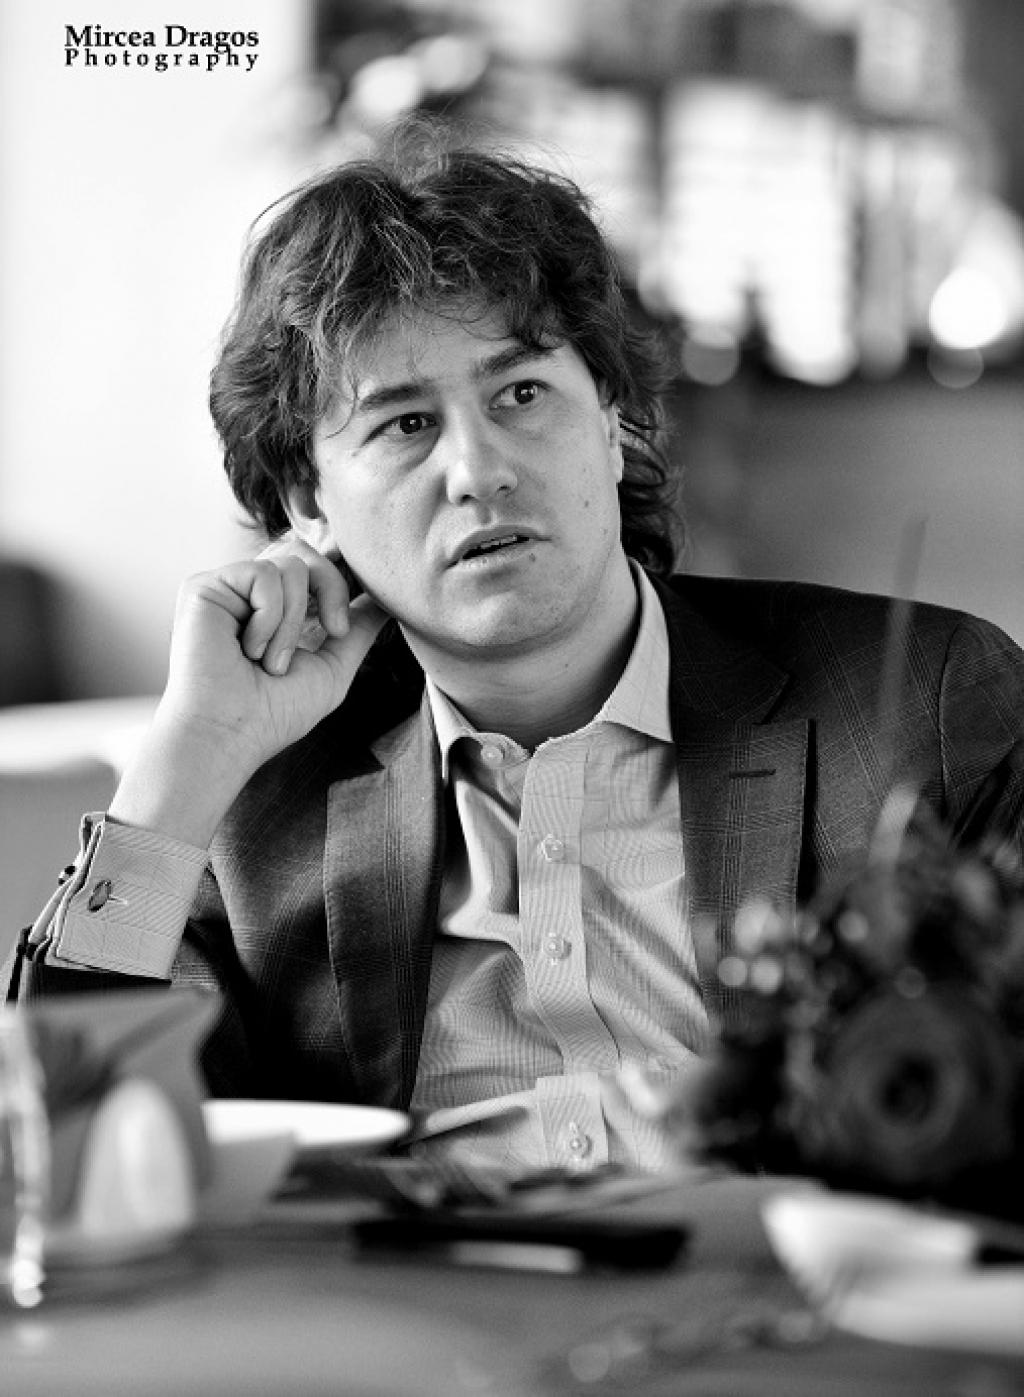 Lunch cu Stefan Nanu, seful Trezoreriei romane: drumul din tribunele Giulestiului, la masa directorilor Bancii Mondiale - Foto 1 din 10